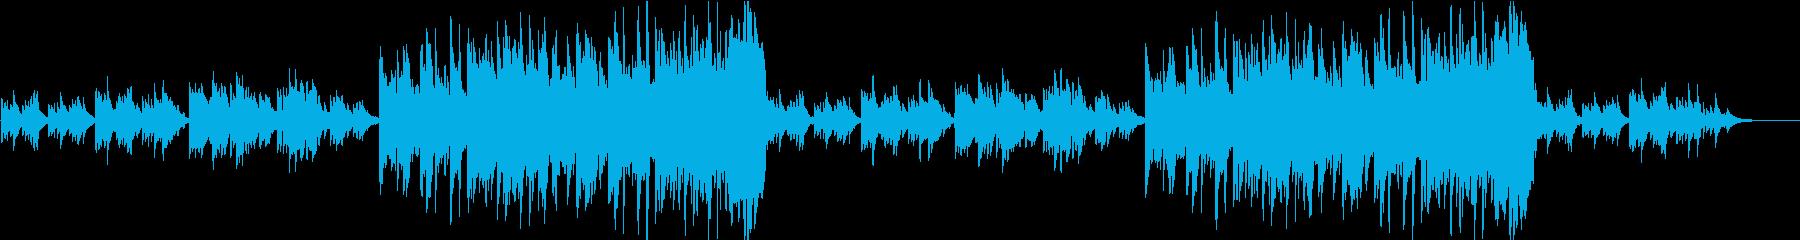 感動的なピアノ曲  ダイナミックverの再生済みの波形